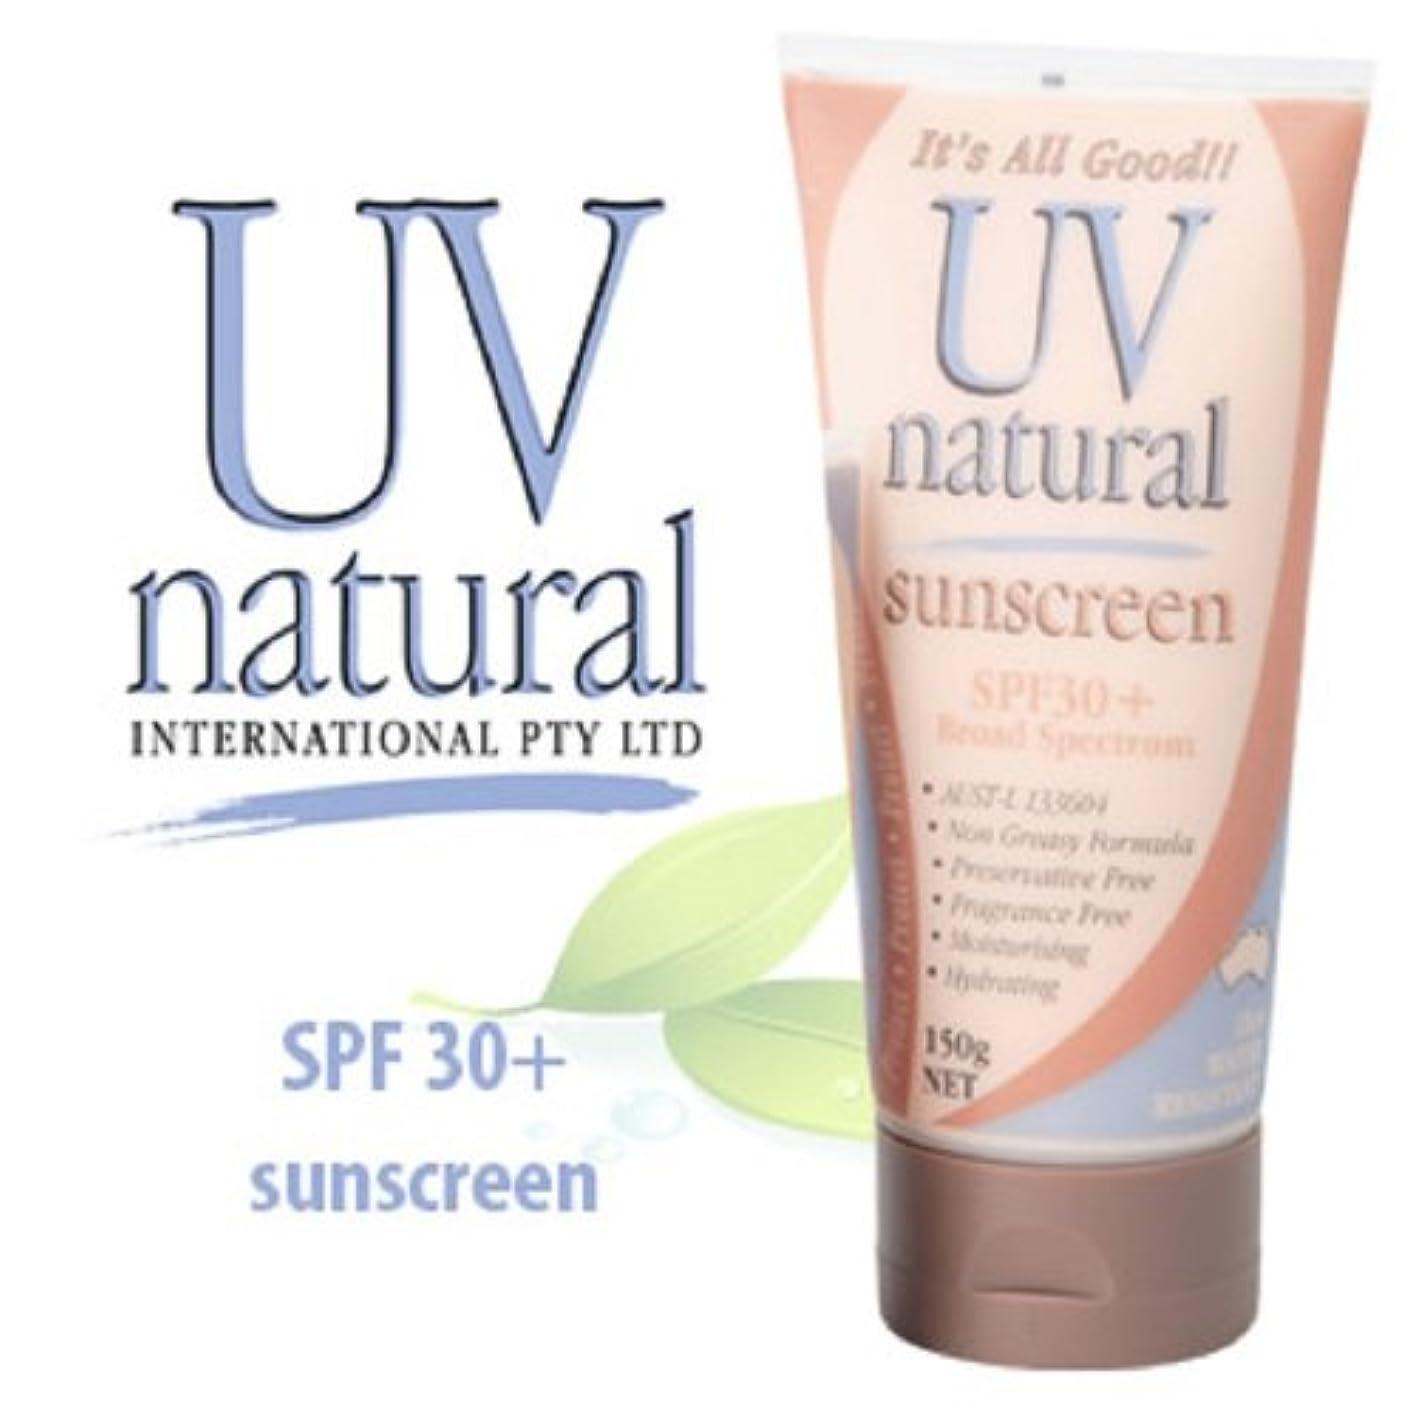 フォーマル適用済み不名誉な【UV NATURAL】日焼け止め Natural SPF30+ 150g 3本セット